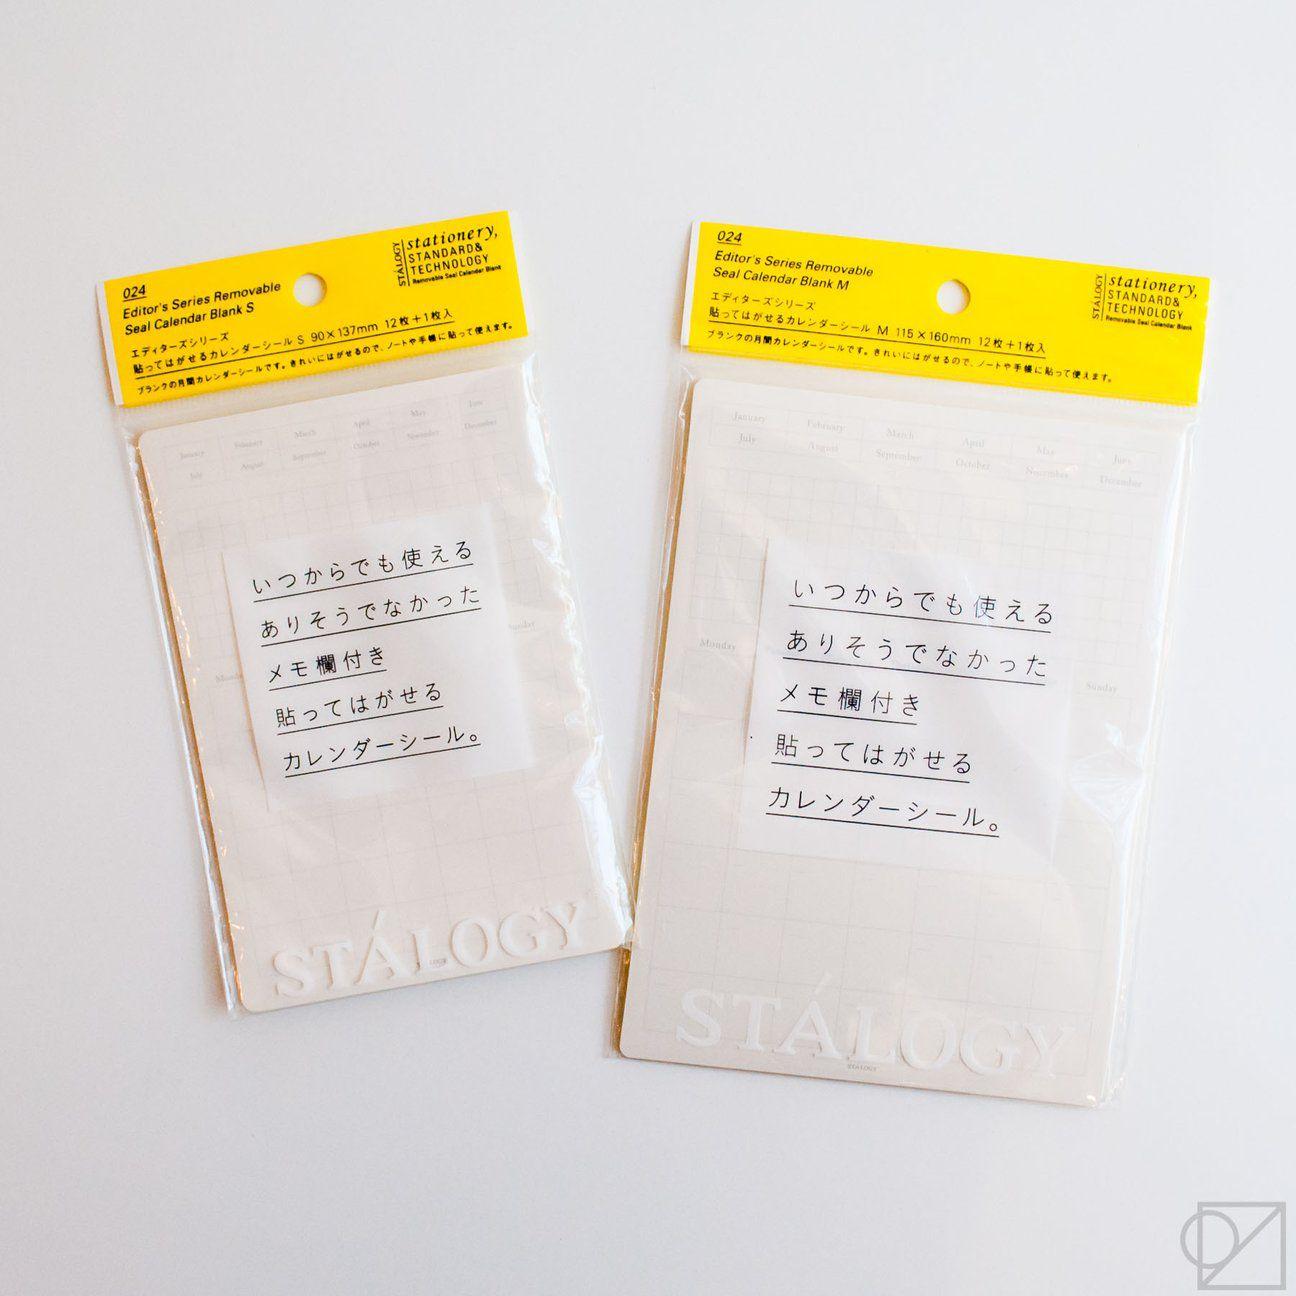 STALOGY Removable Calendar Stickers